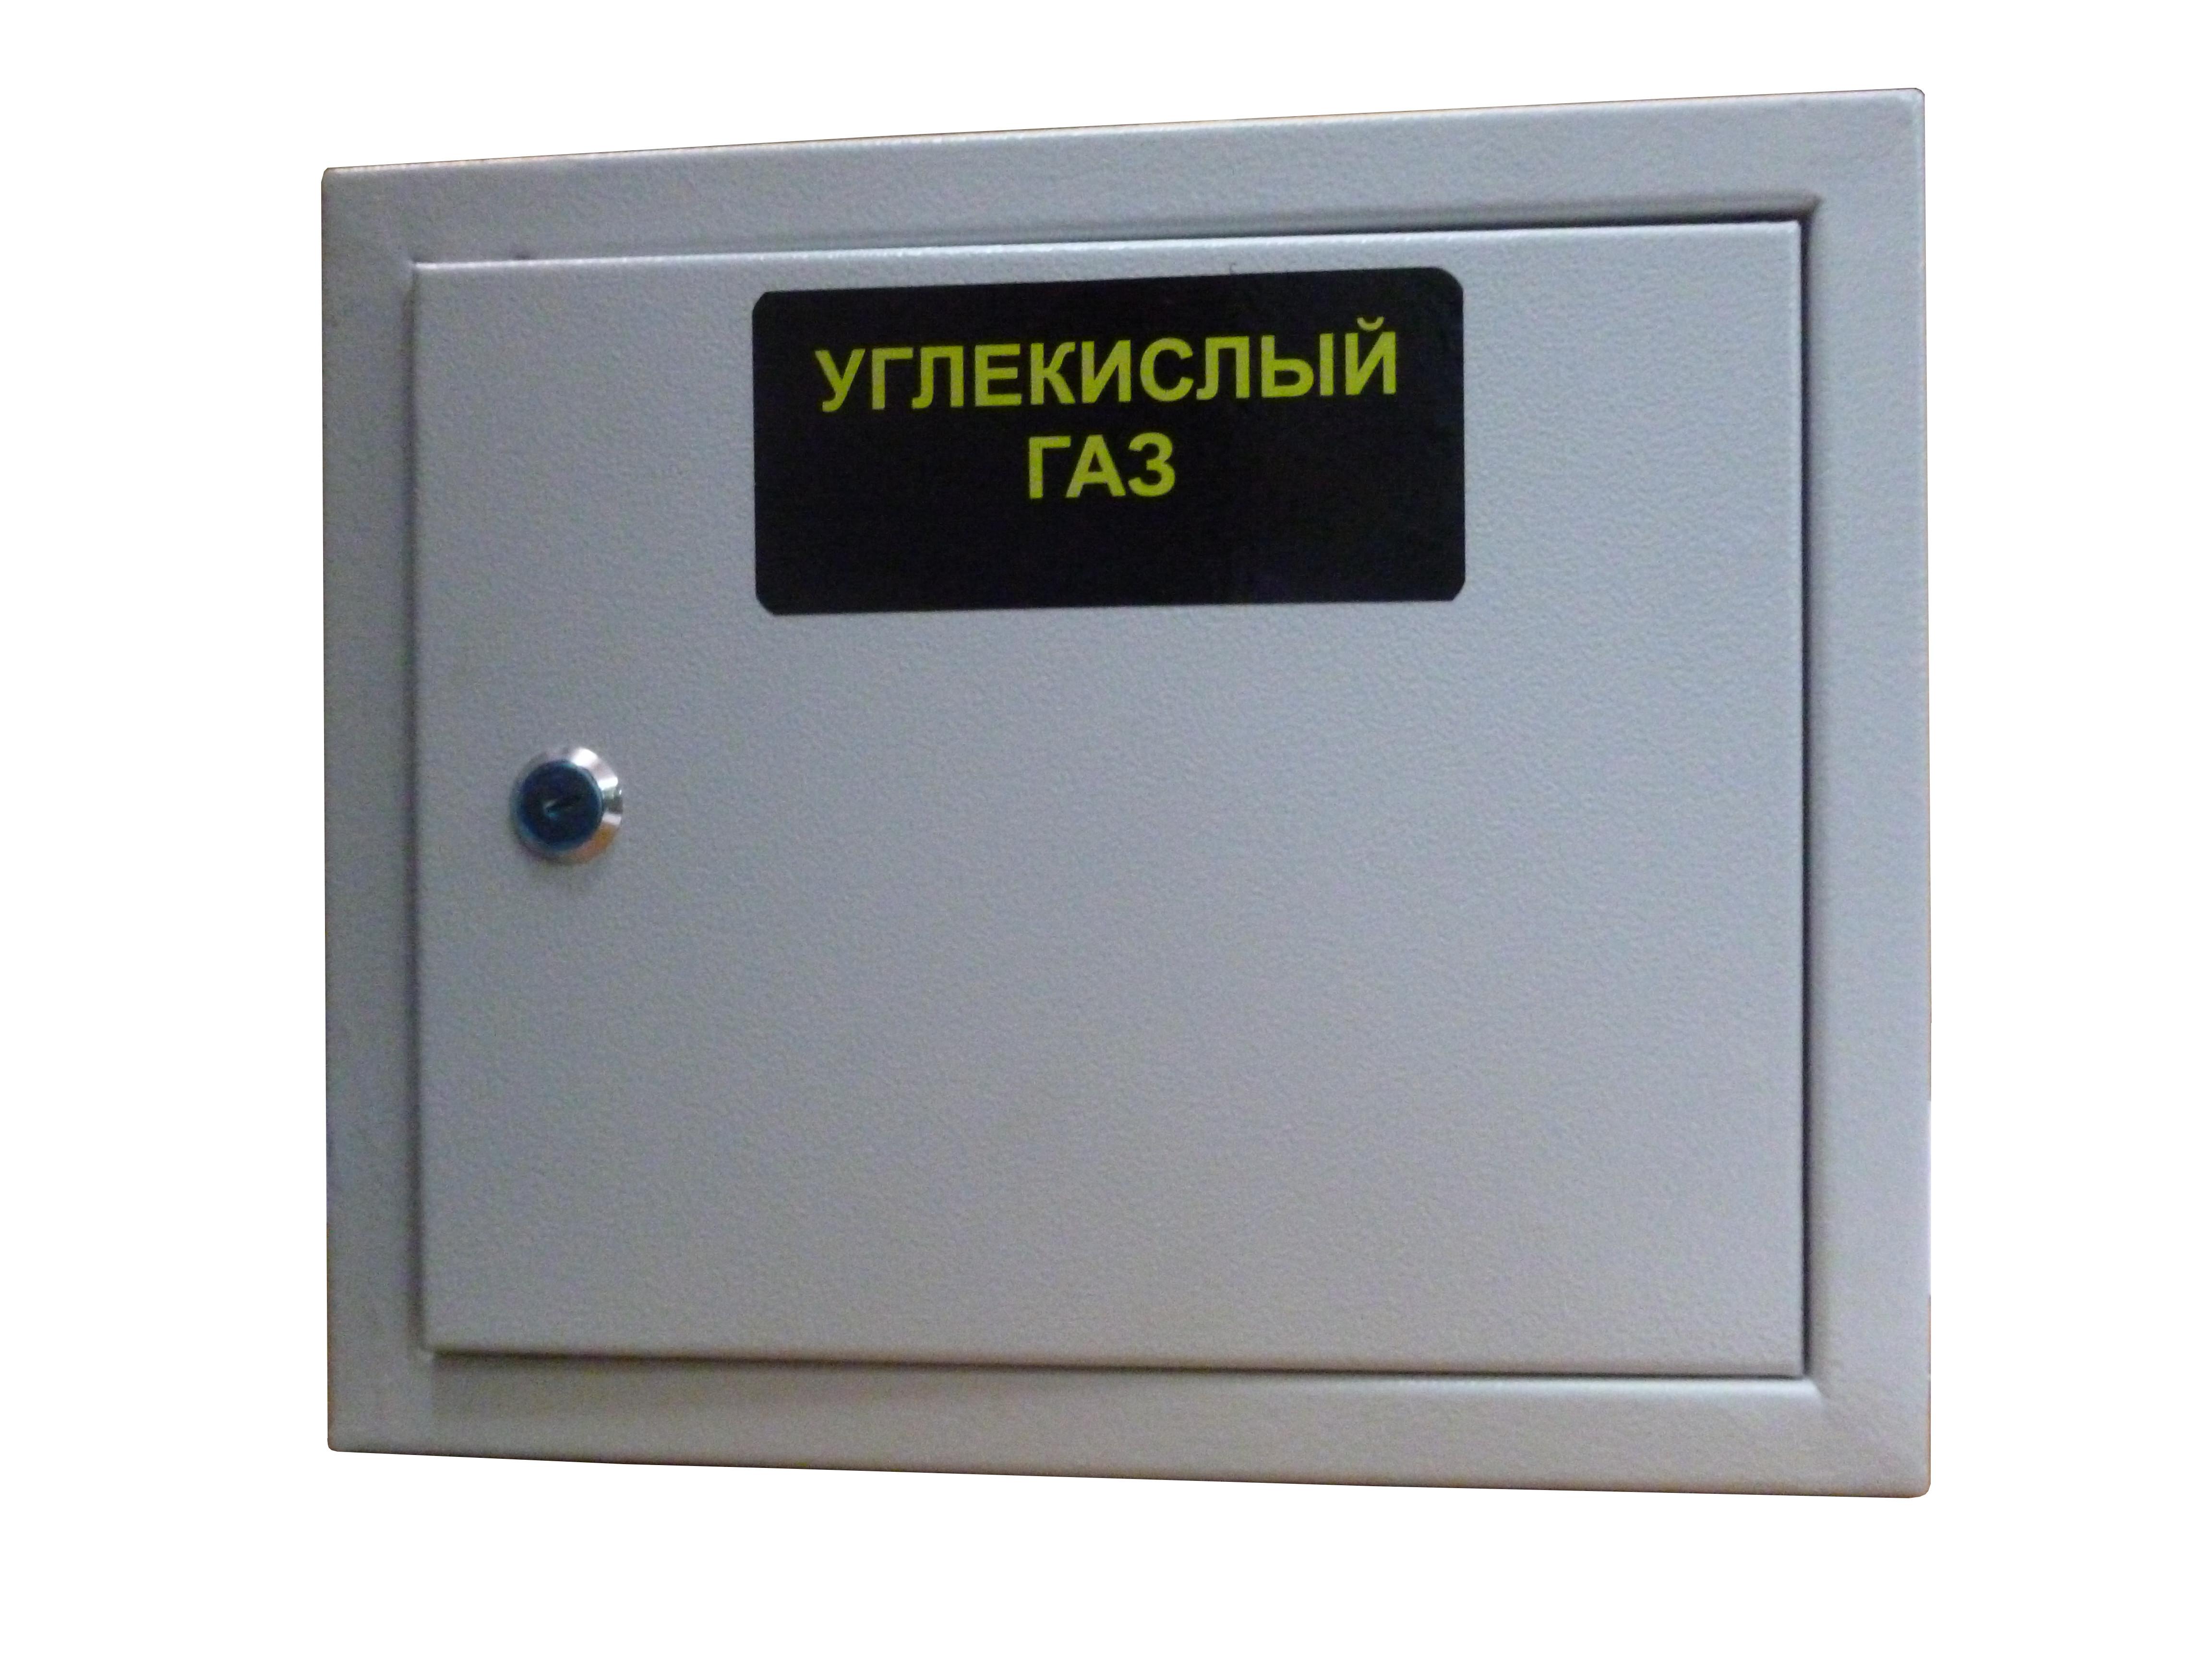 Пост газразборный ПГз углекислый газ_